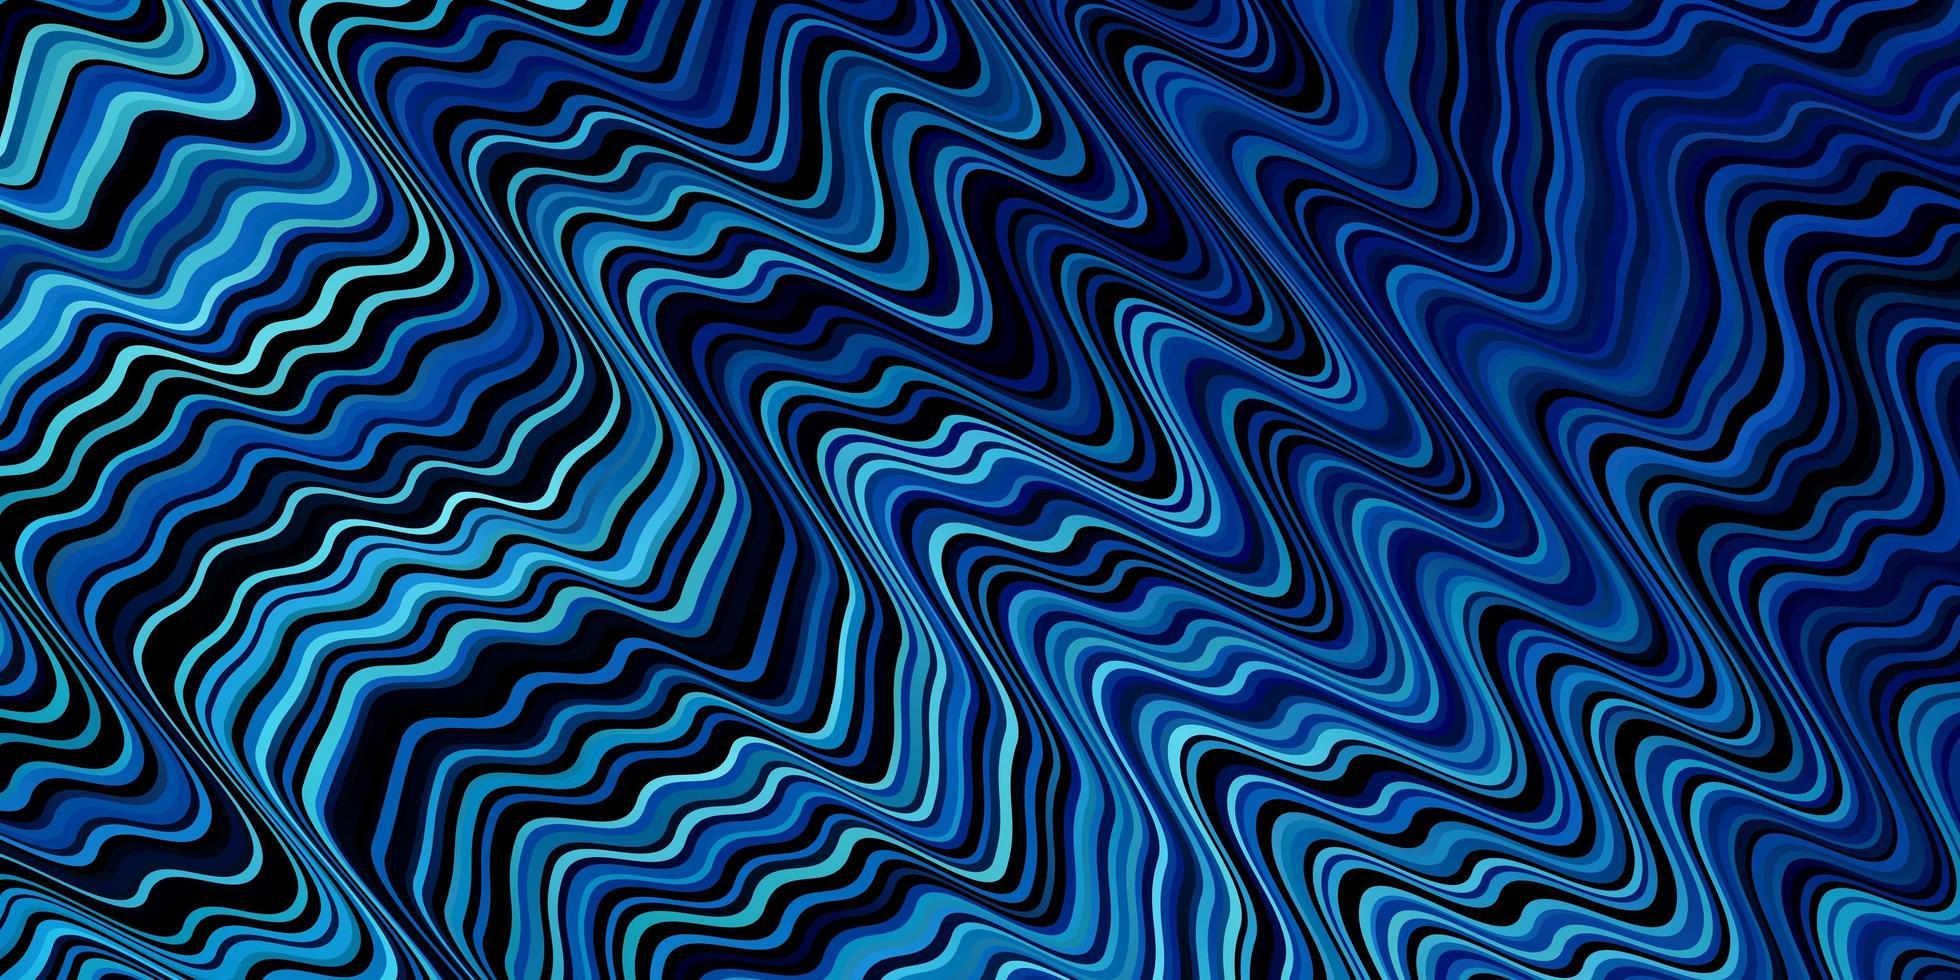 textura vector azul claro com arco circular